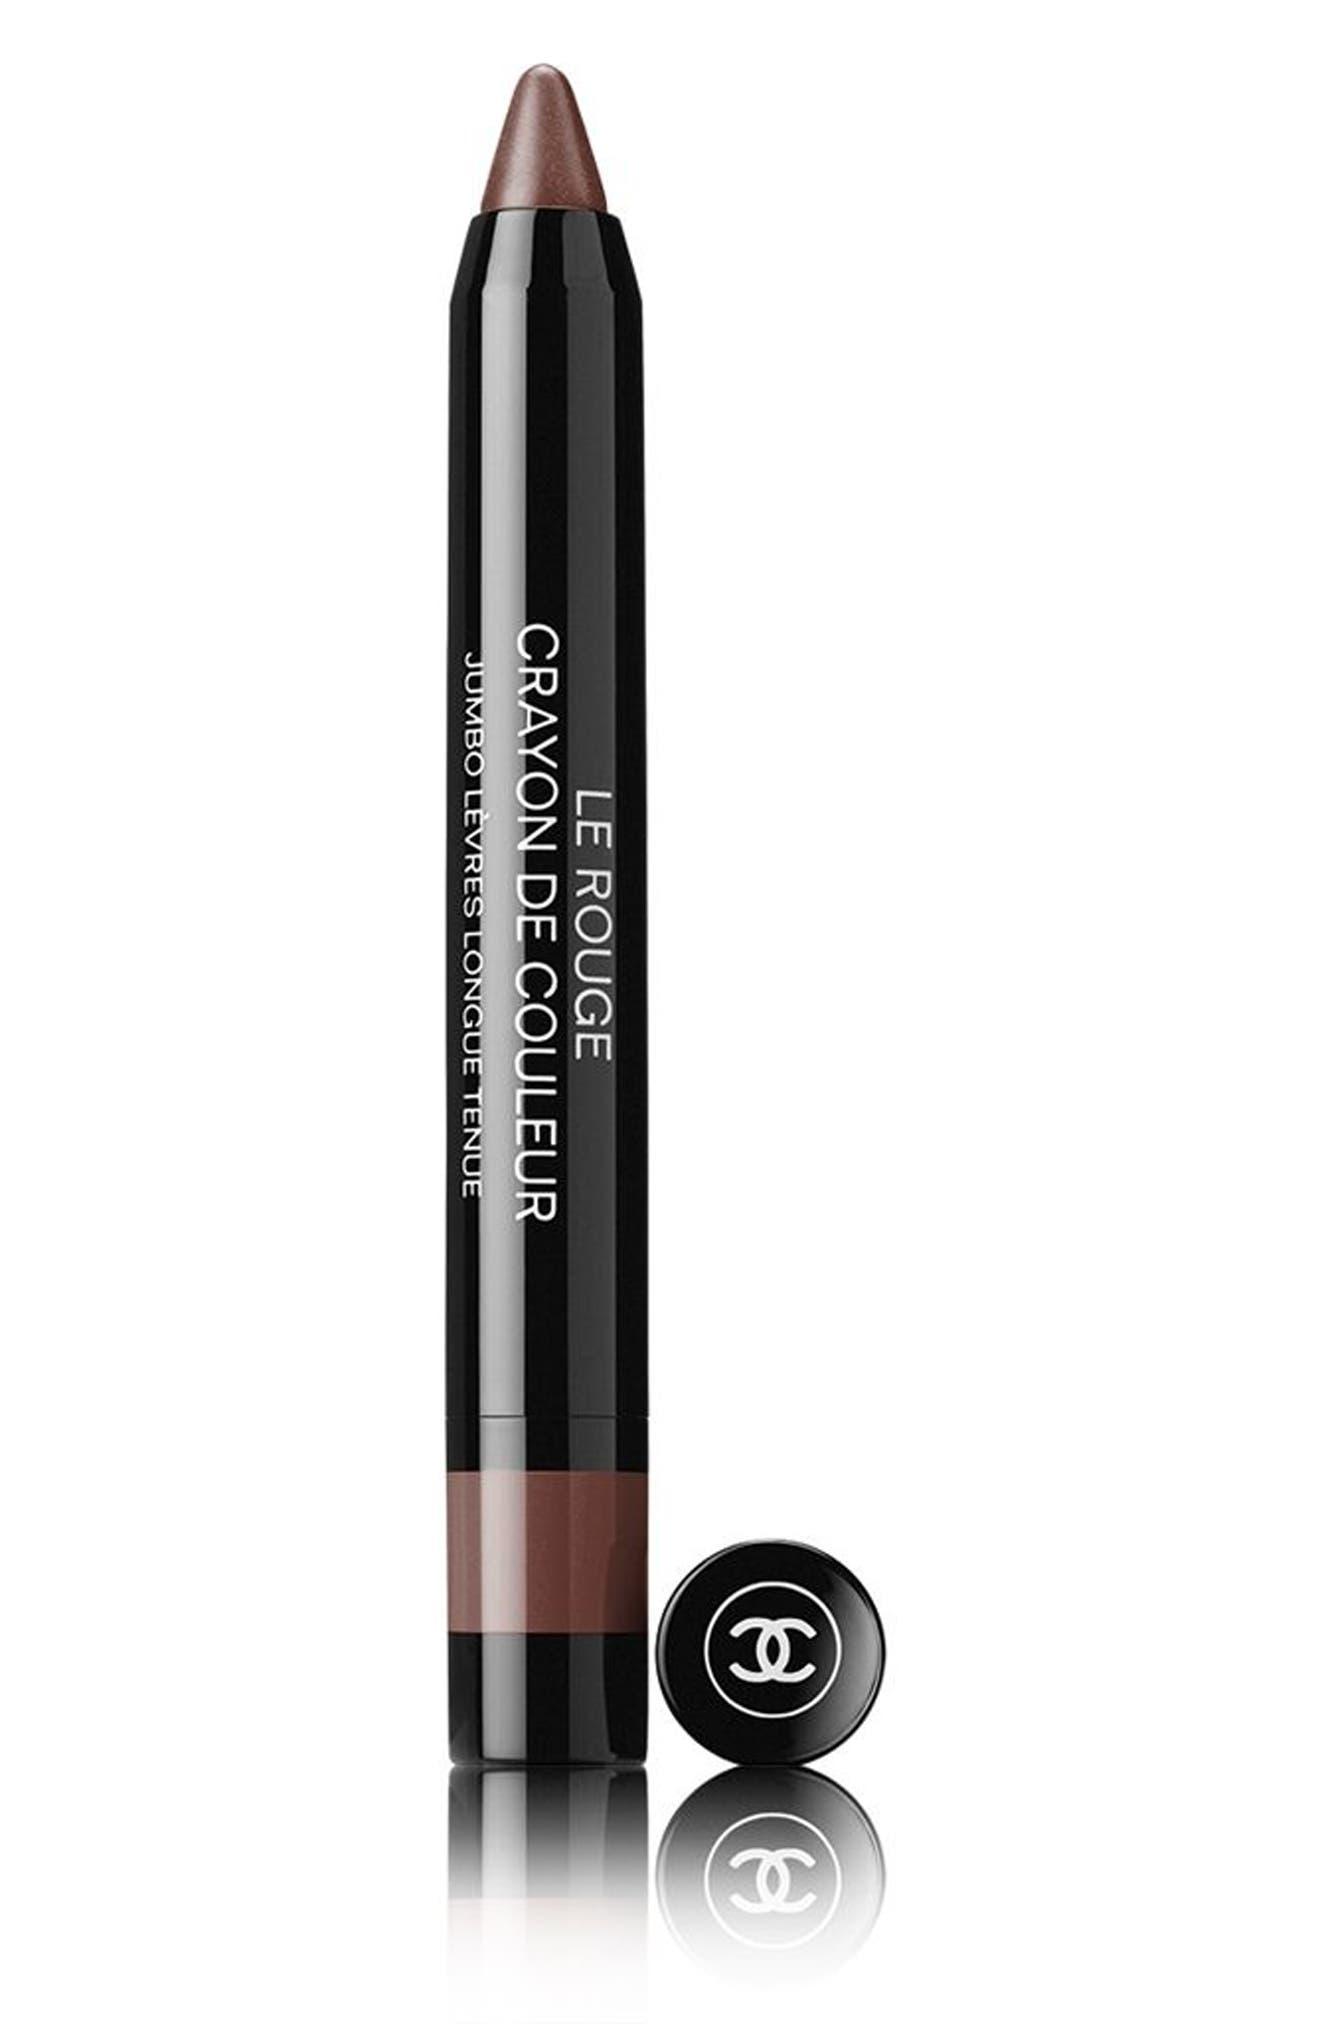 LE ROUGE CRAYON DE COULEUR Jumbo Longwear Lip Crayon,                             Main thumbnail 1, color,                             22 NATURAL BROWN